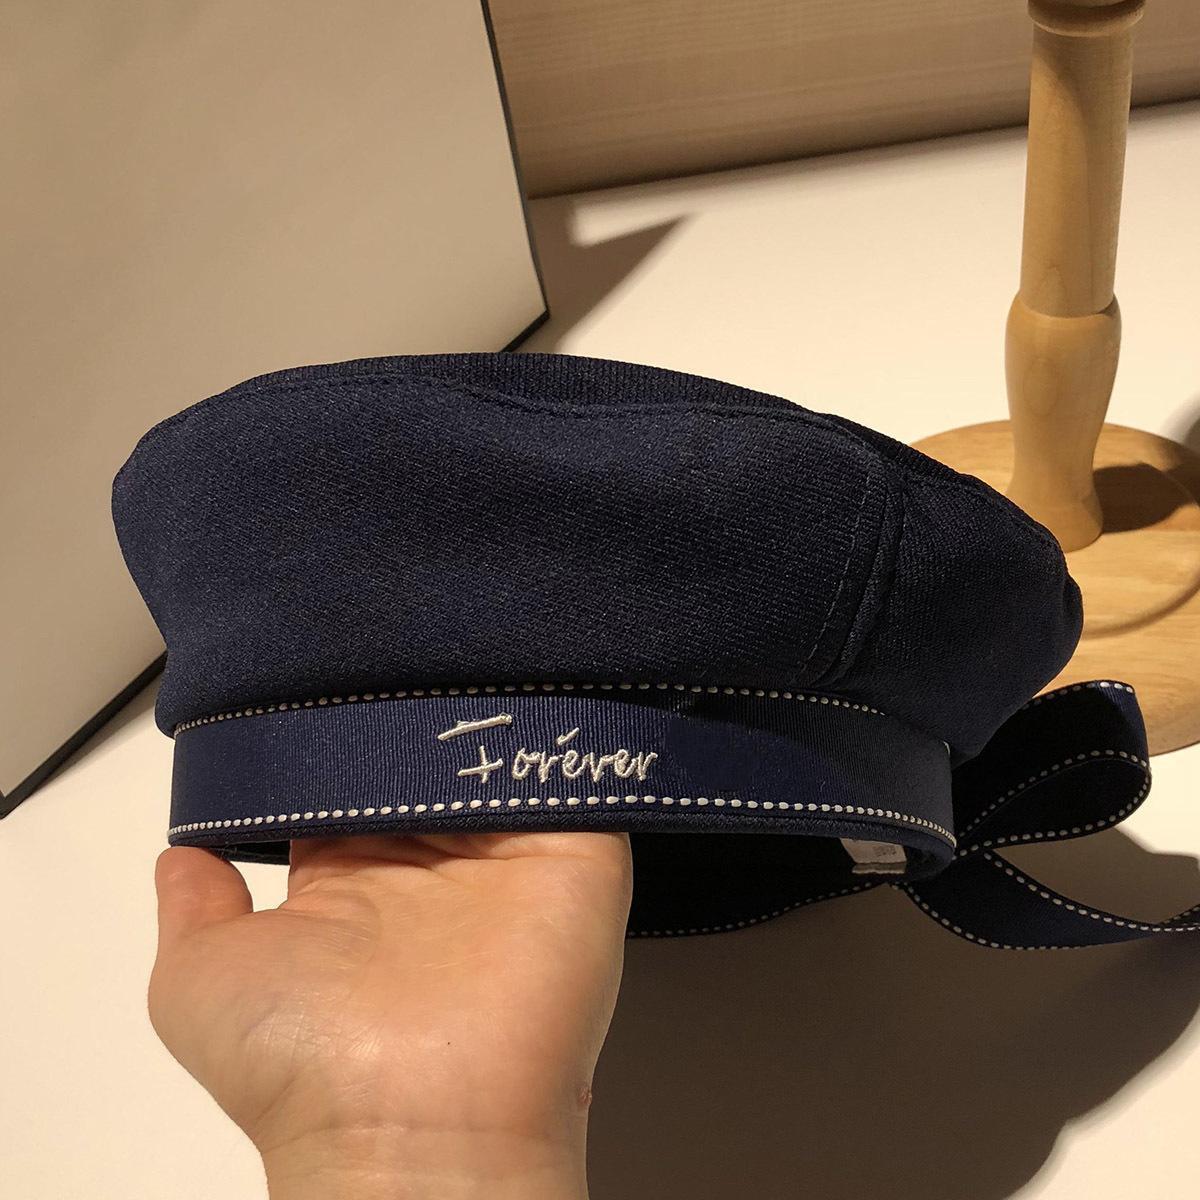 Autunno inverno donna cappello moda nastro nastro arco berretto lettera ricamo cappelli invernali vintage maschio berretto francese cappello marina